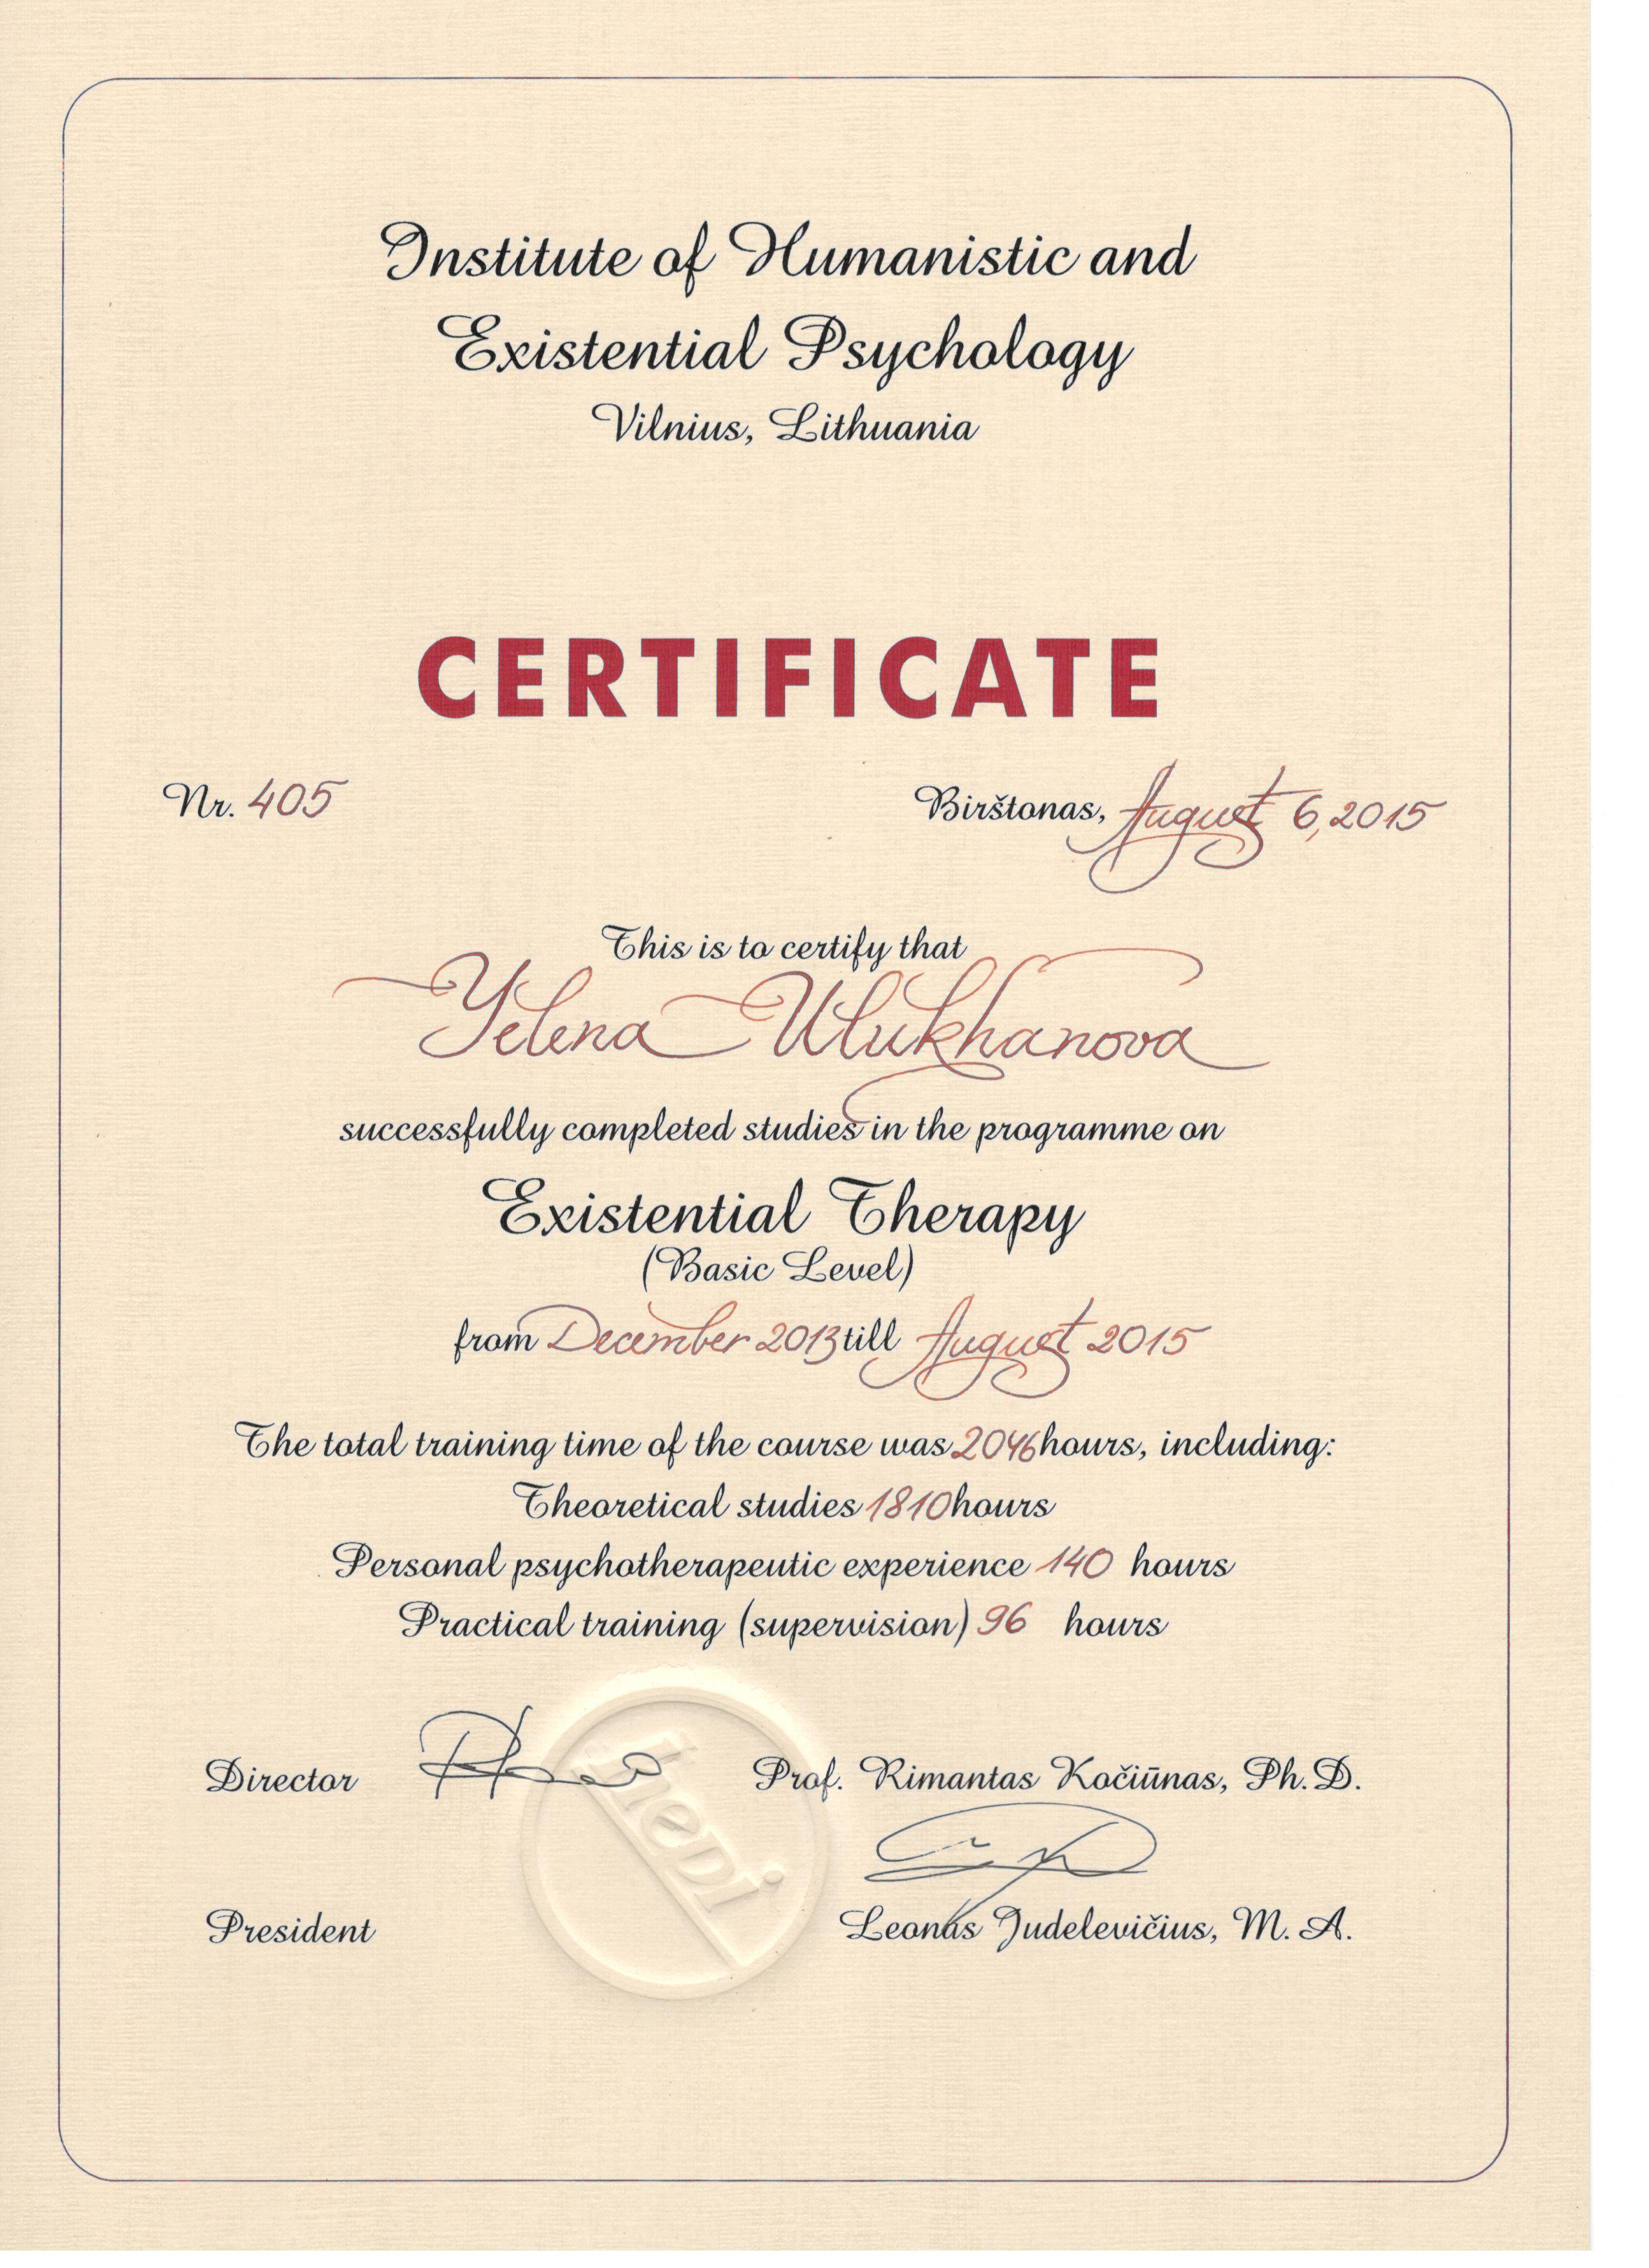 lena-sertif5